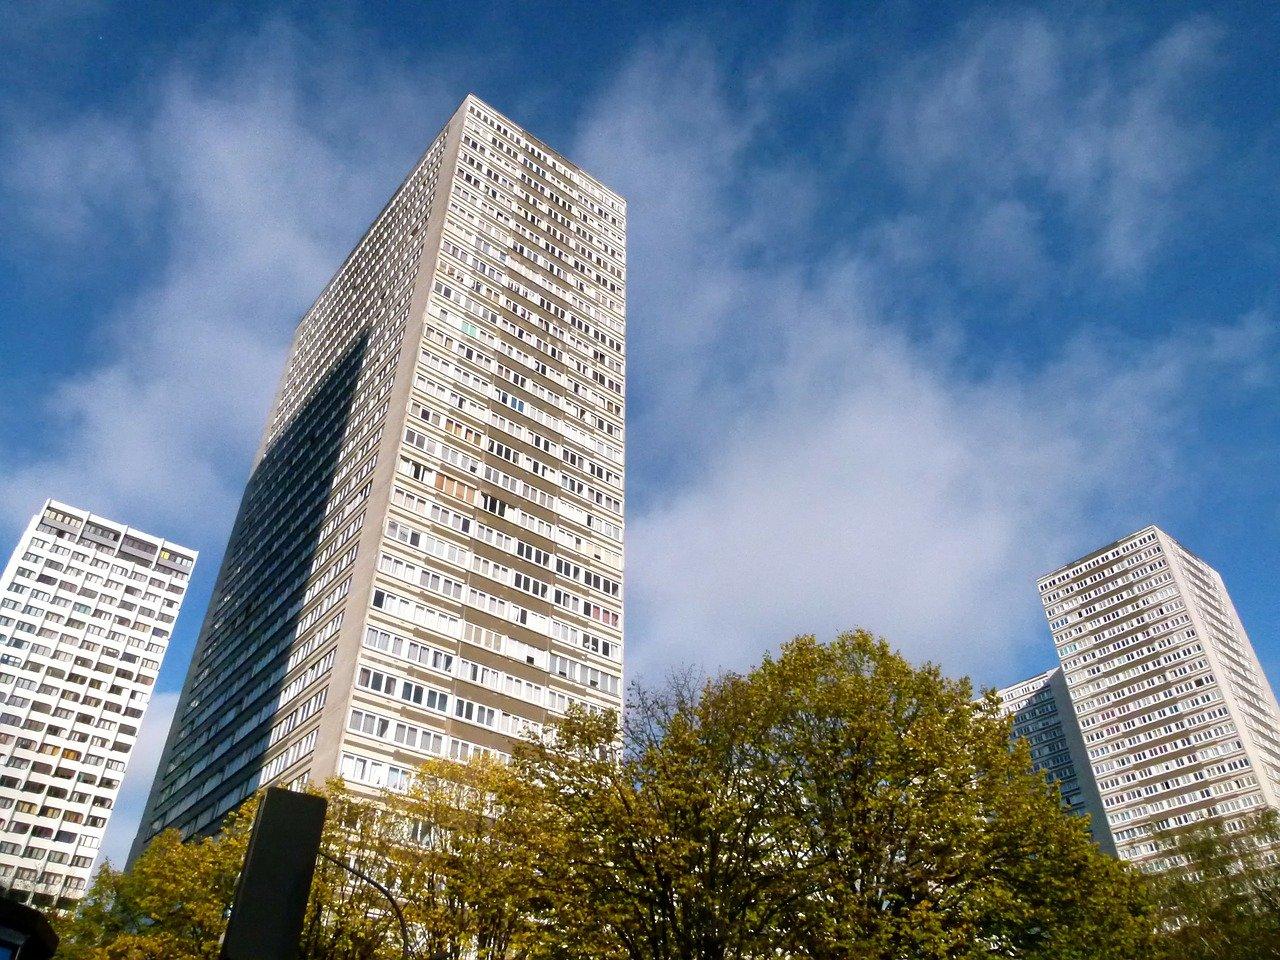 Immobilier : baisse des prix à Paris, hausse partout ailleurs